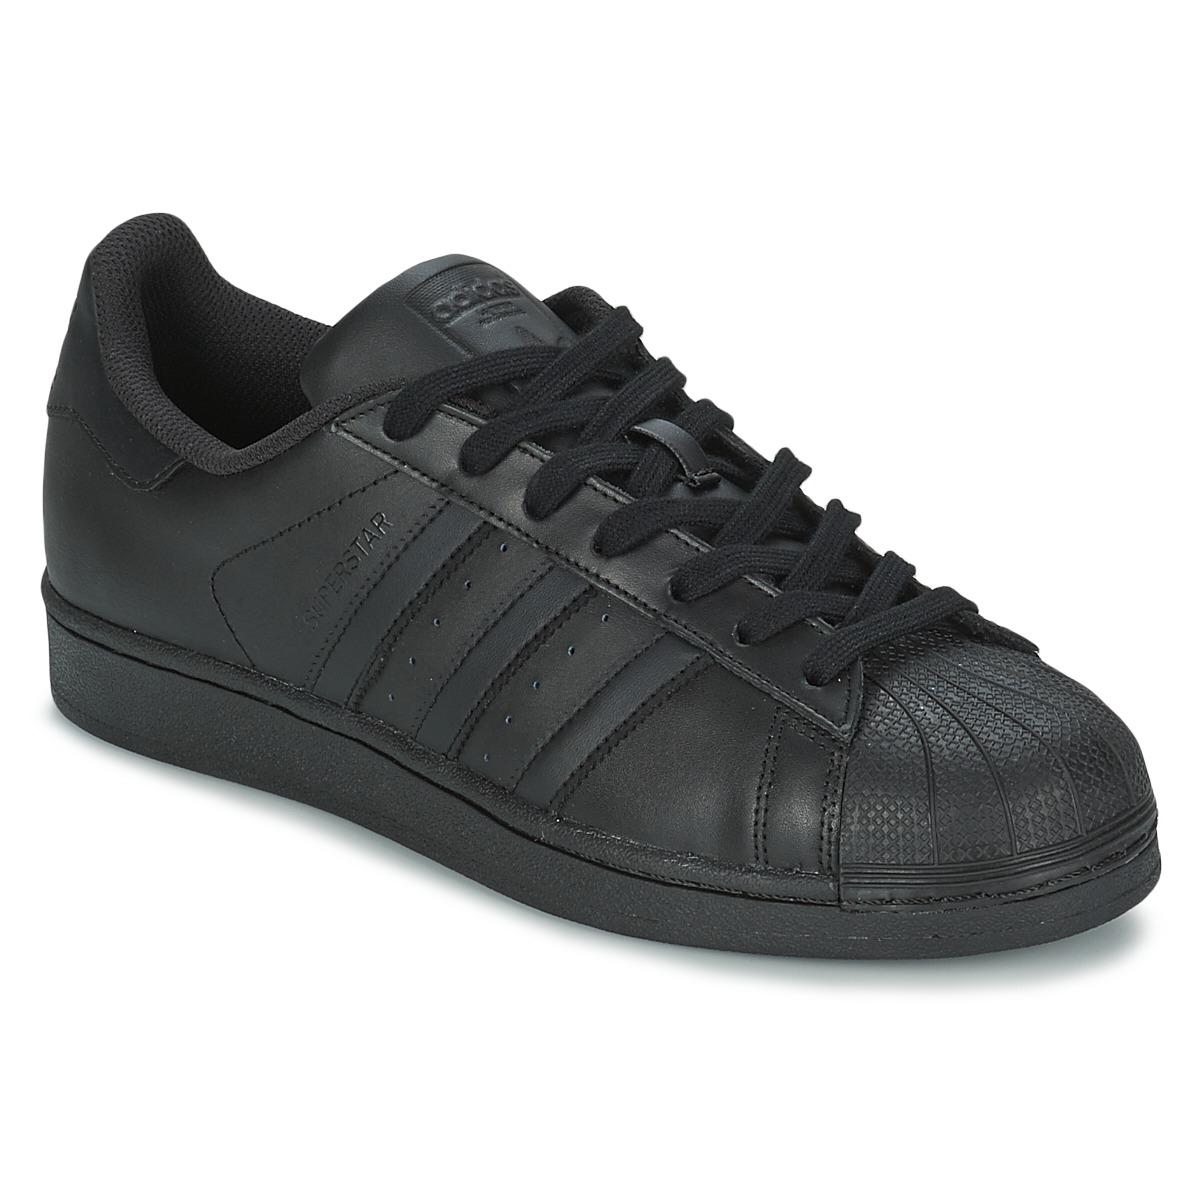 adidas Originals SUPERSTAR FOUNDATION Schwarz - Kostenloser Versand bei Spartoode ! - Schuhe Sneaker Low Herren 79,96 €